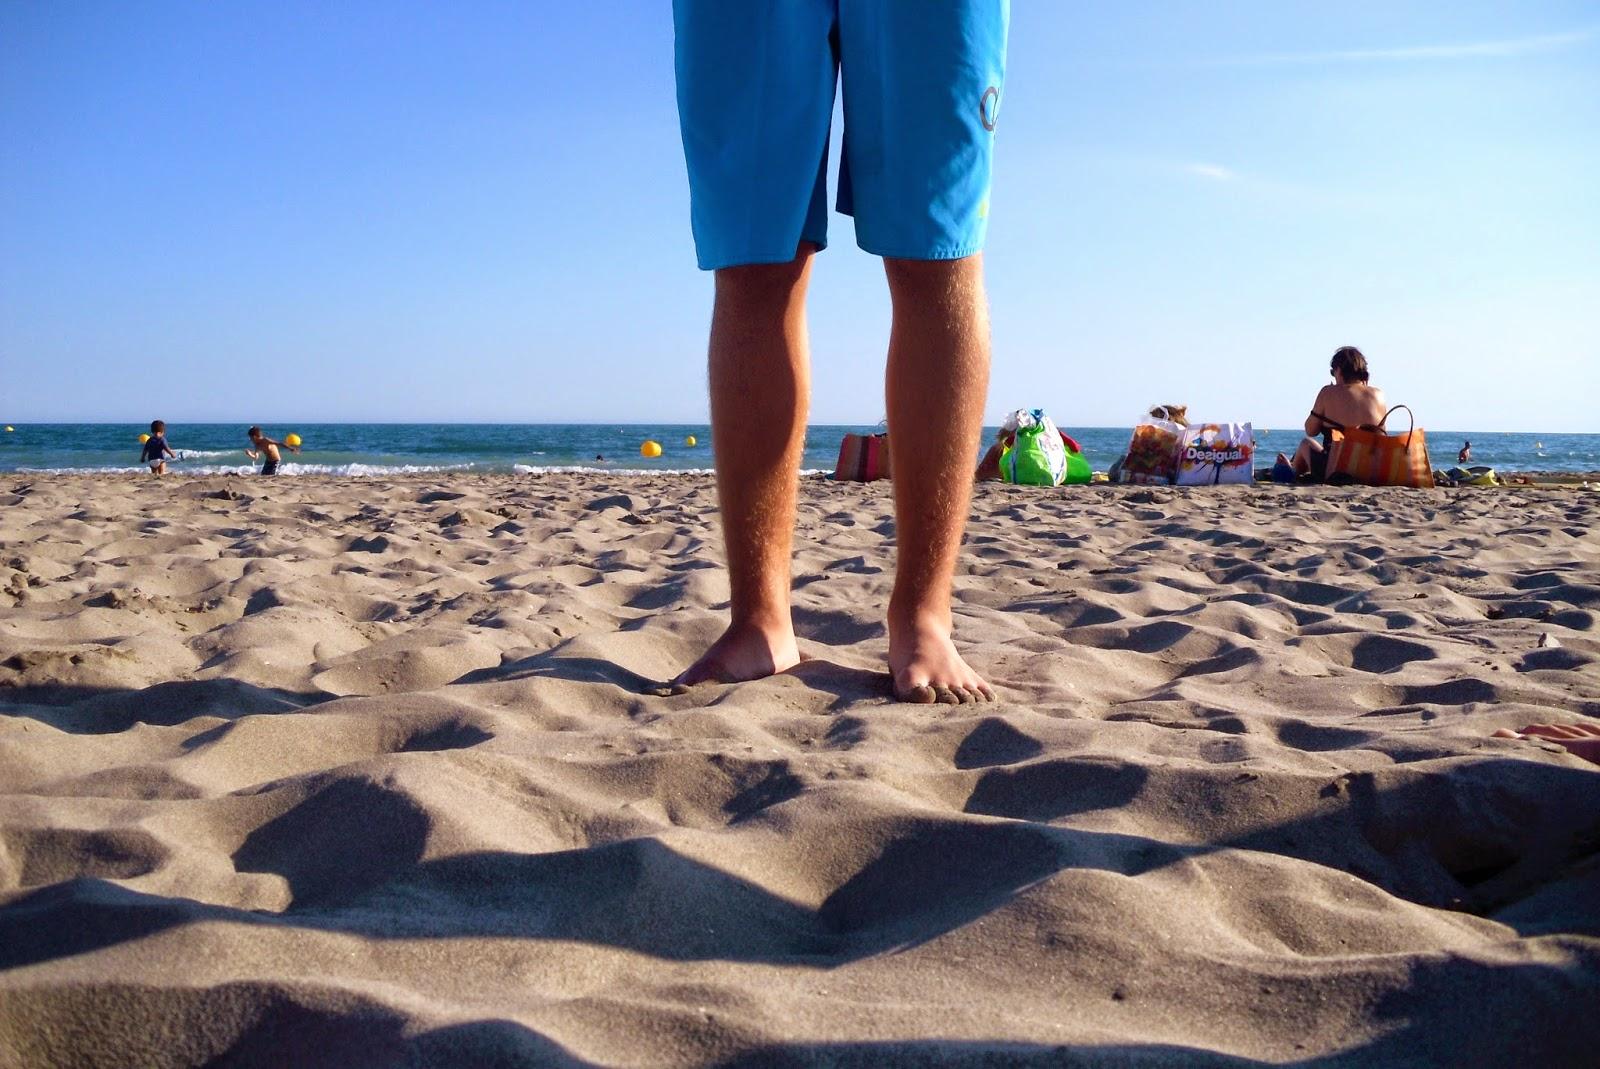 Urlaub Ferien Strand Frankreich Küste Spanien Urlaubsziel 2014 Abenteuerurlaub Entspannung Flussperle